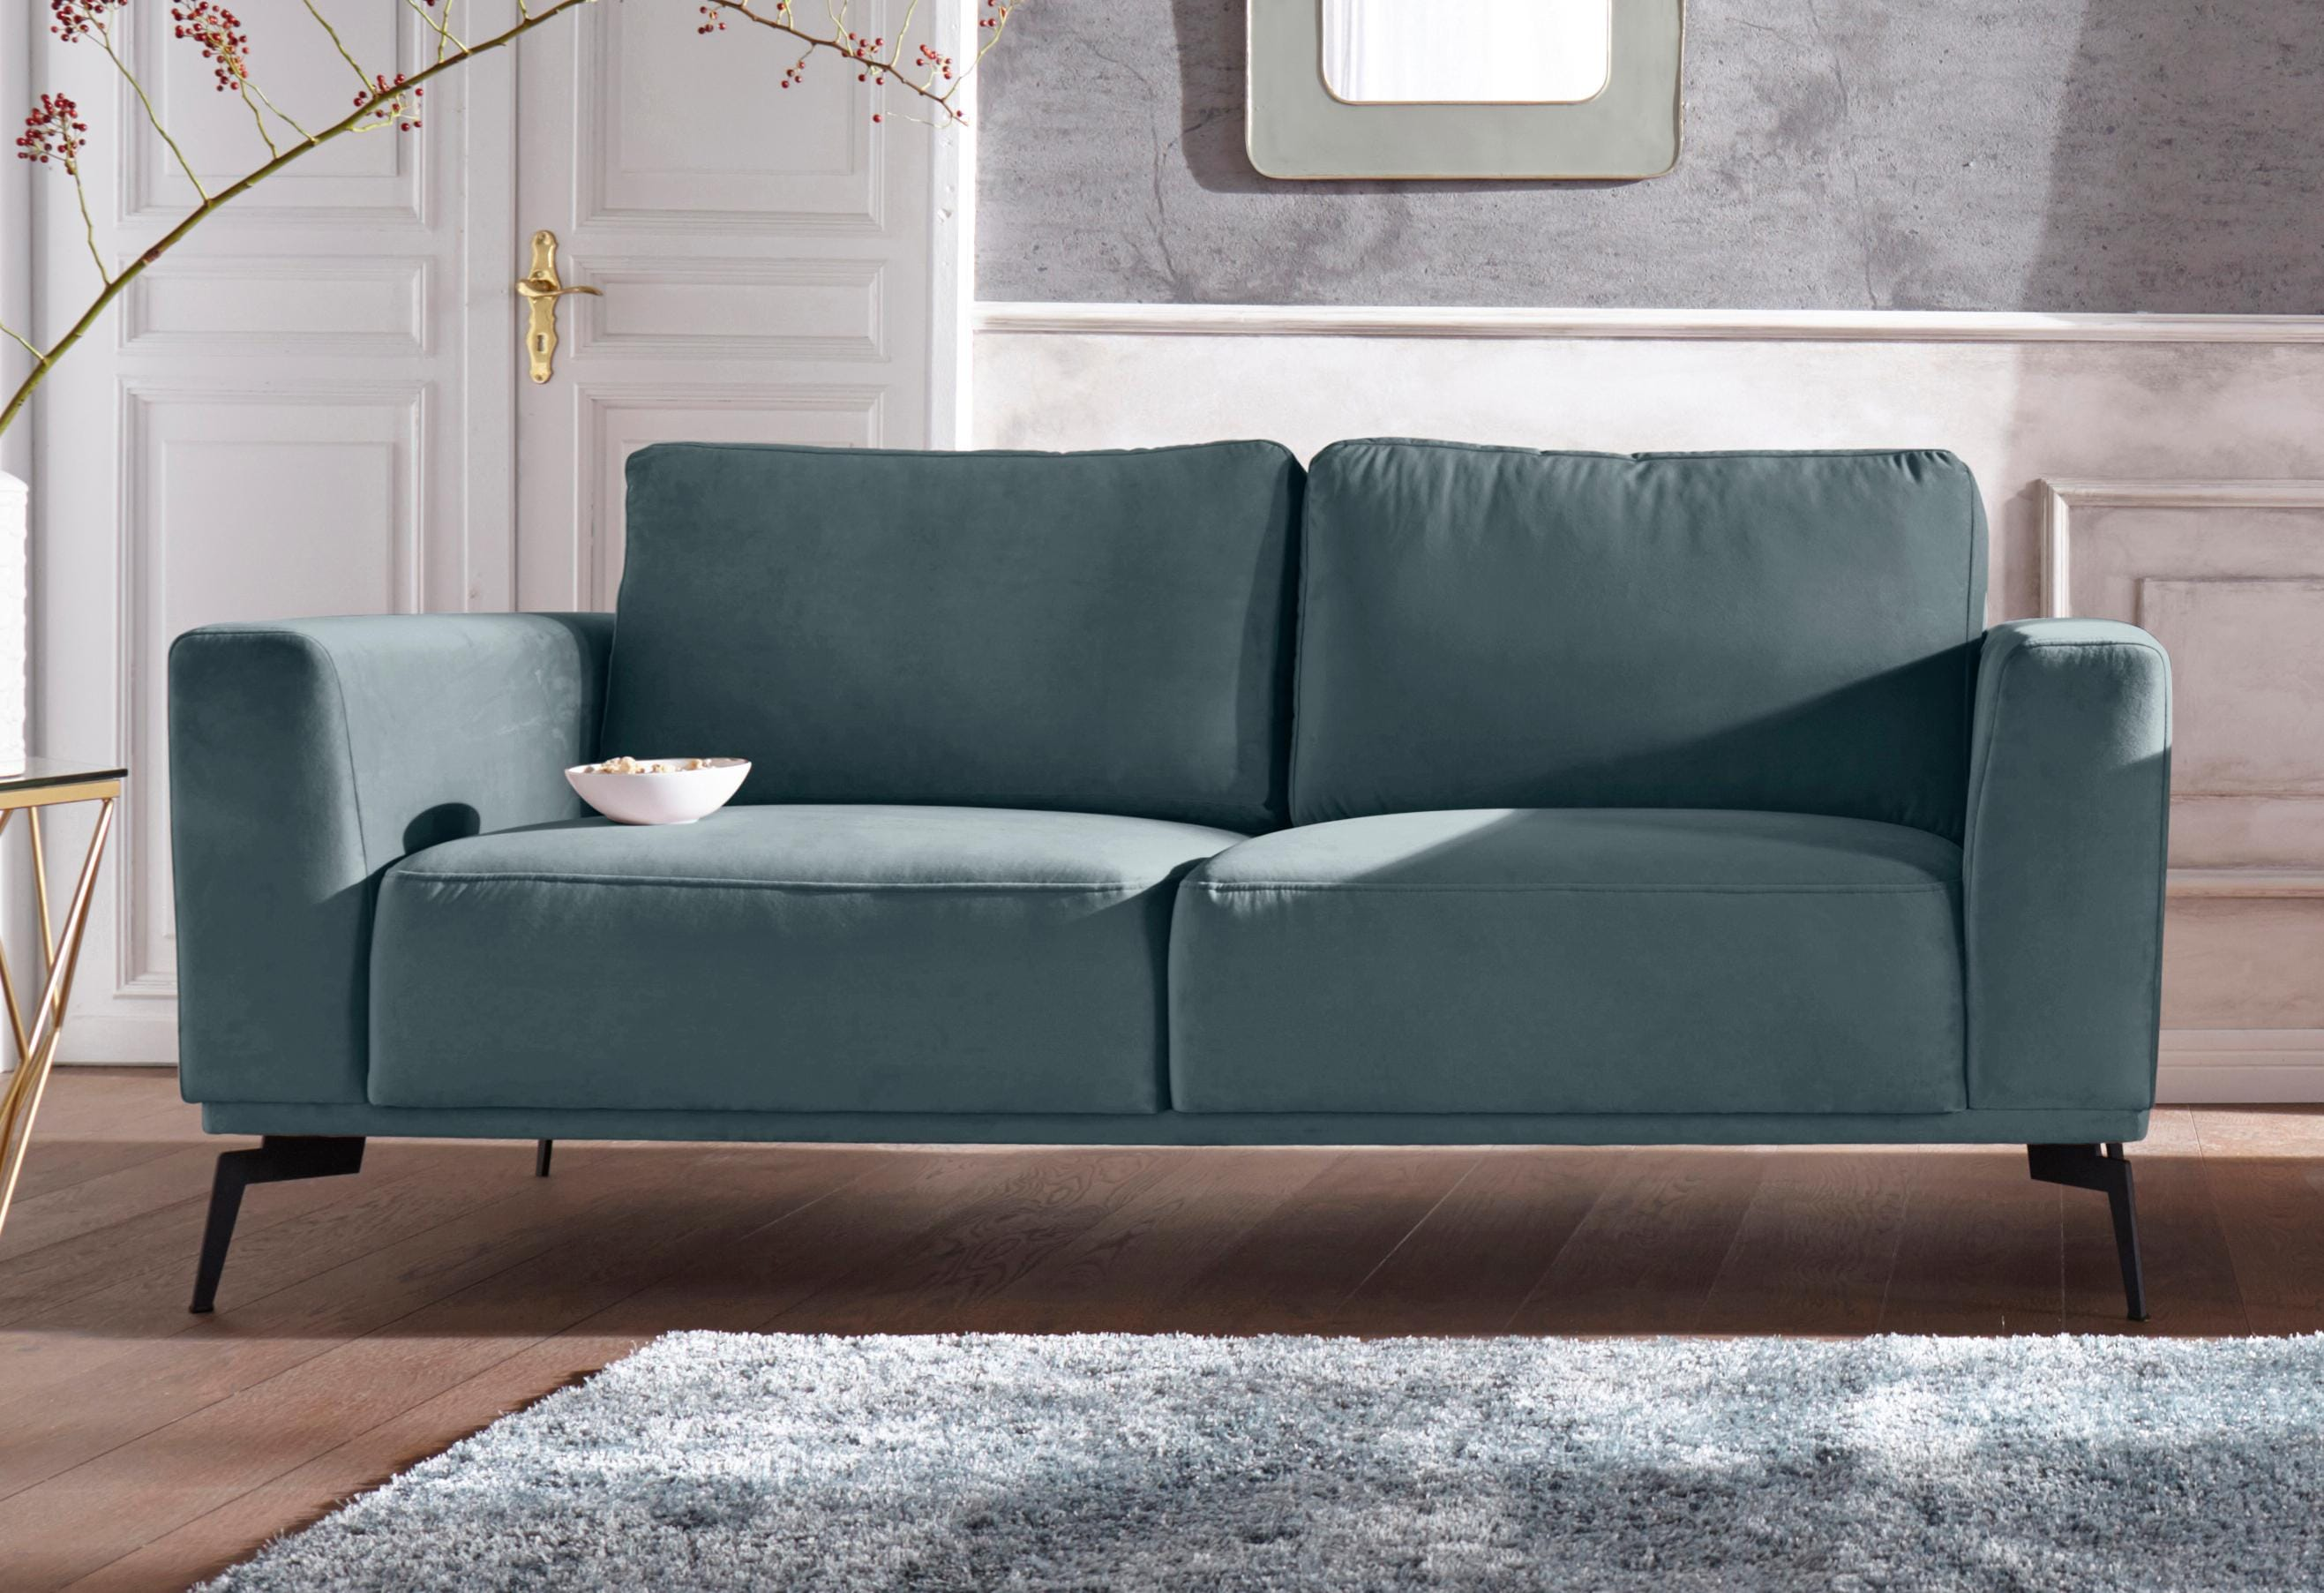 GMK Home & Living 2-Sitzer »Nantes« in wunderschönem Design, ungewöhnliche Metallbeine